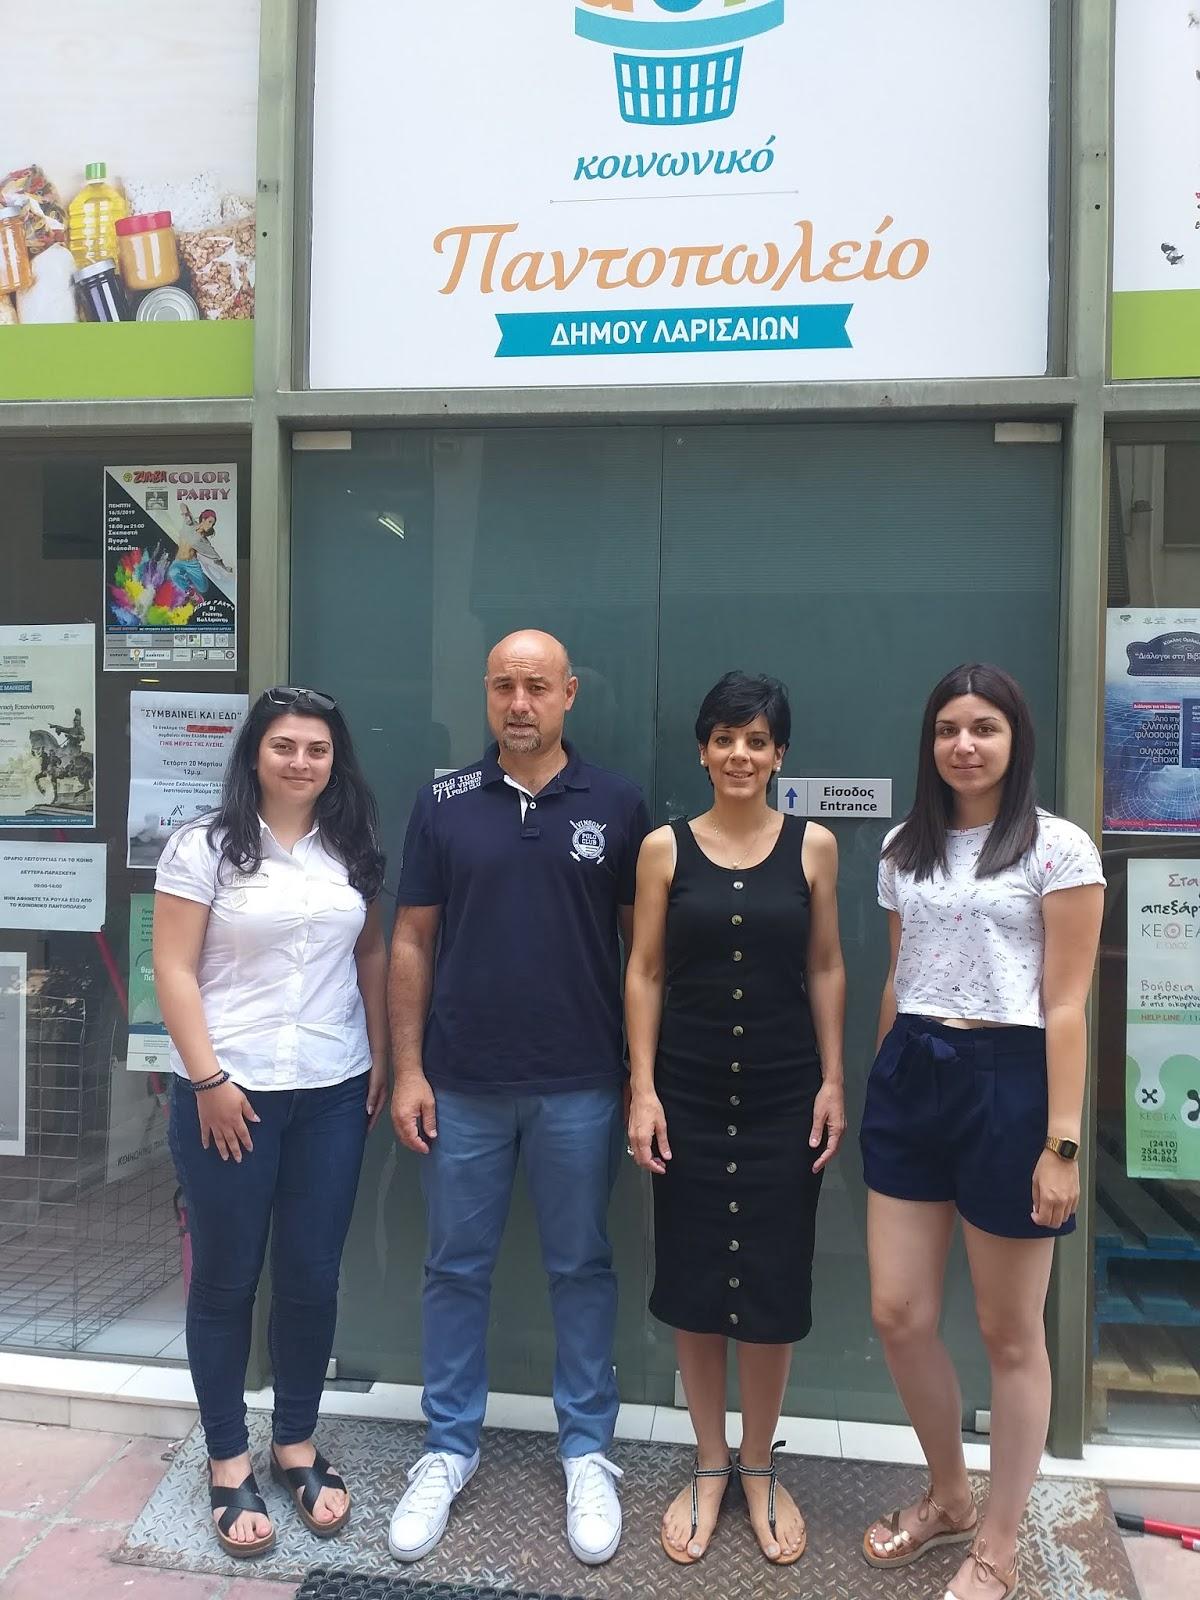 Το Κοινωνικό Παντοπωλείο Λάρισας επισκέφθηκε η 10η ΤΟΜΥ Γιάννουλης